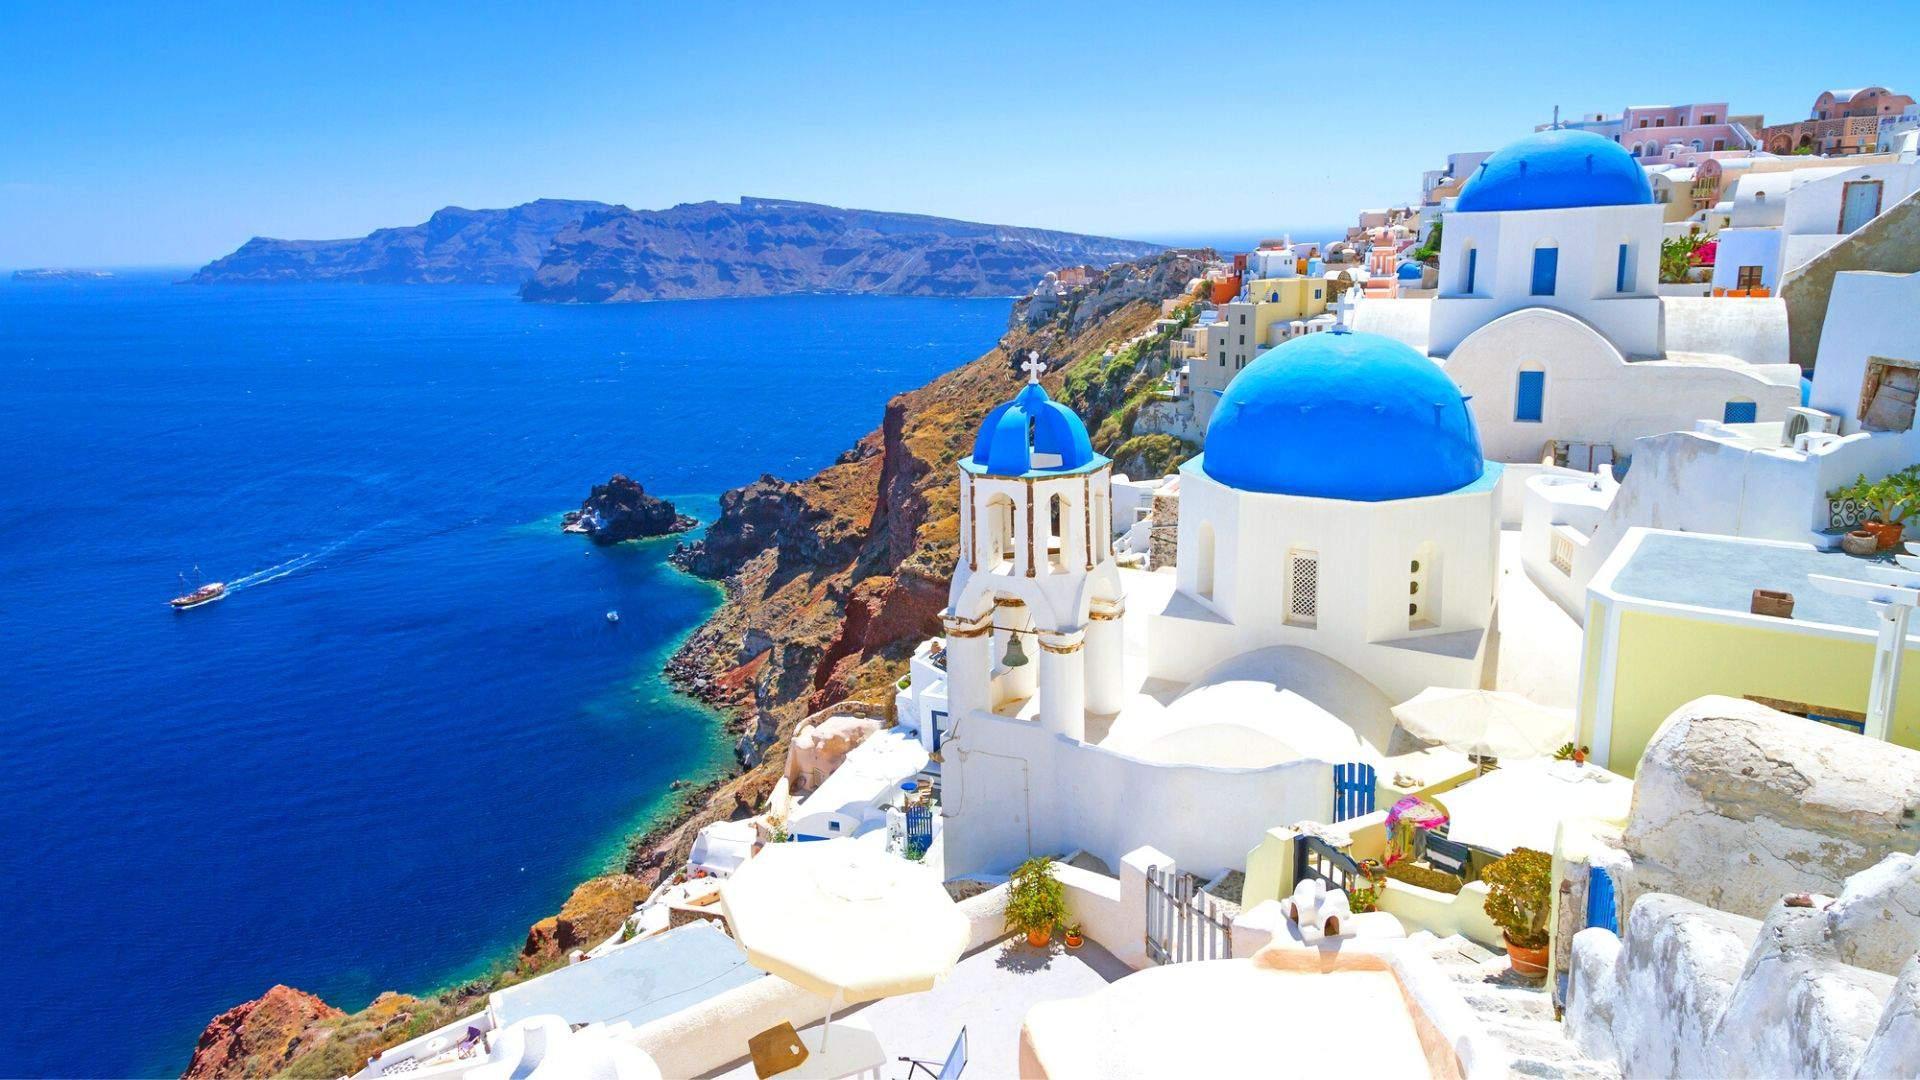 Santorini keri nuostabiomis panoramomis